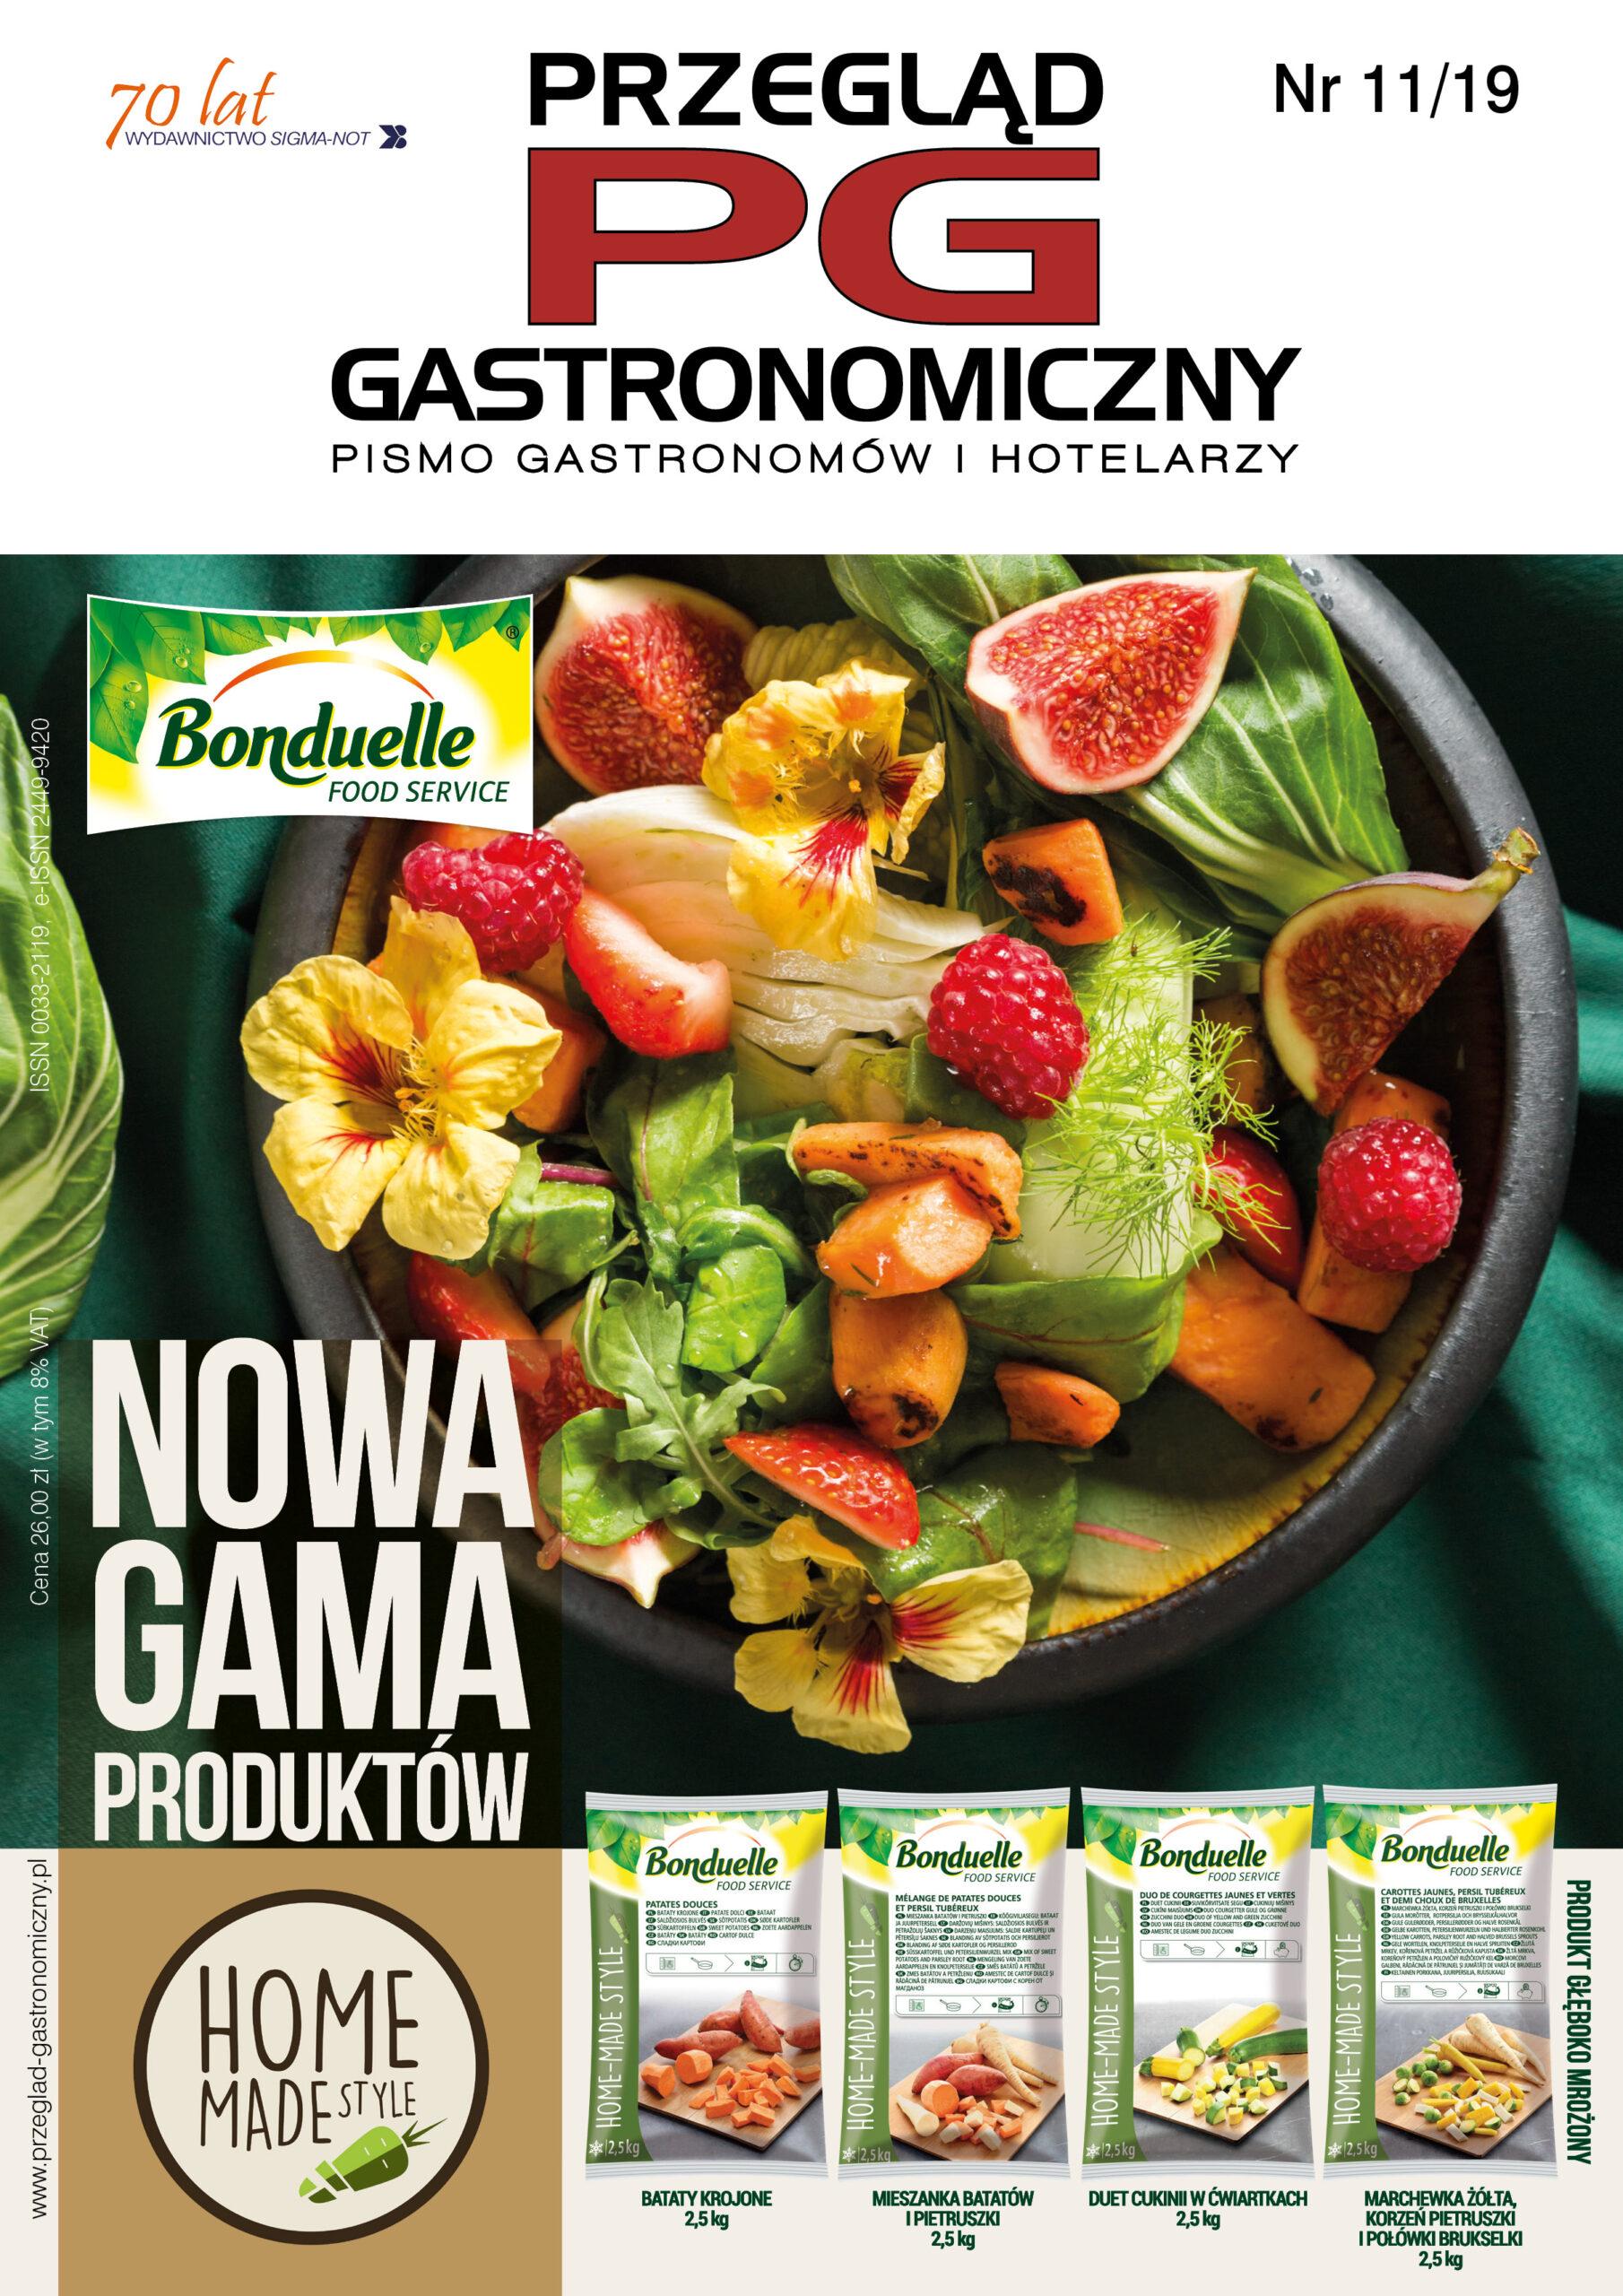 Przegląd Gastronomiczny 11.2019